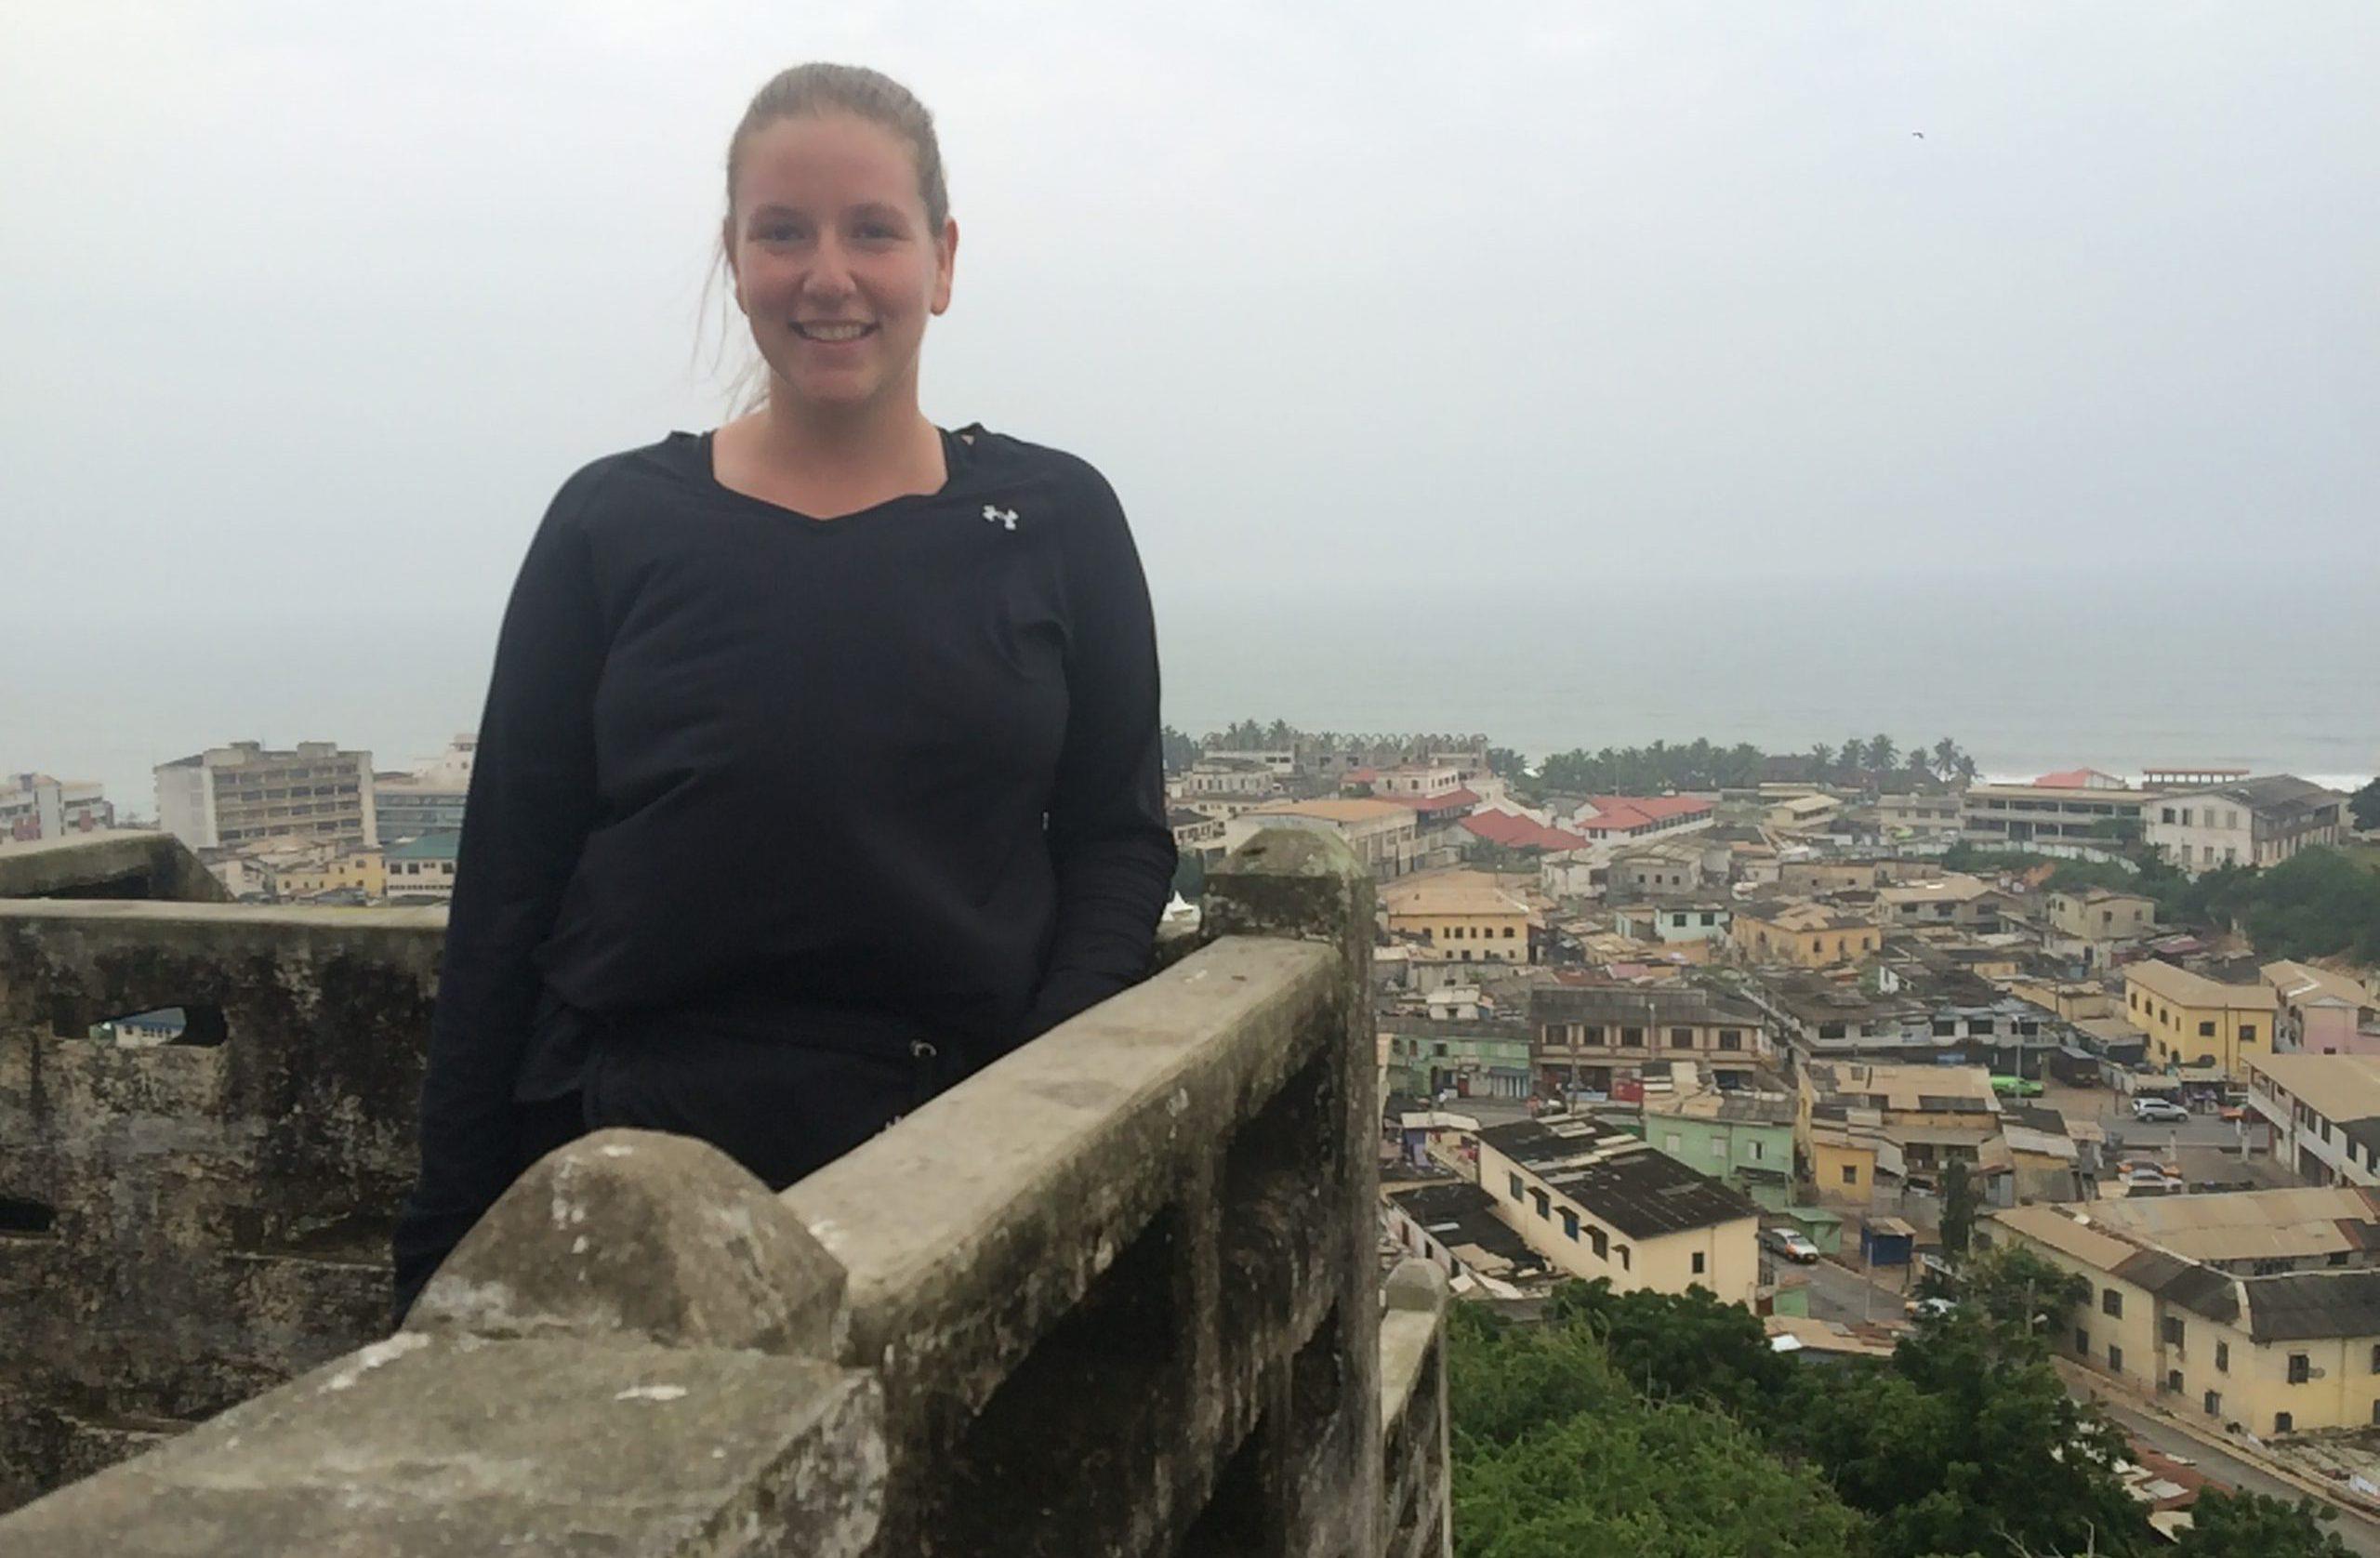 Danielle Fisher in Cape Coast, Ghana